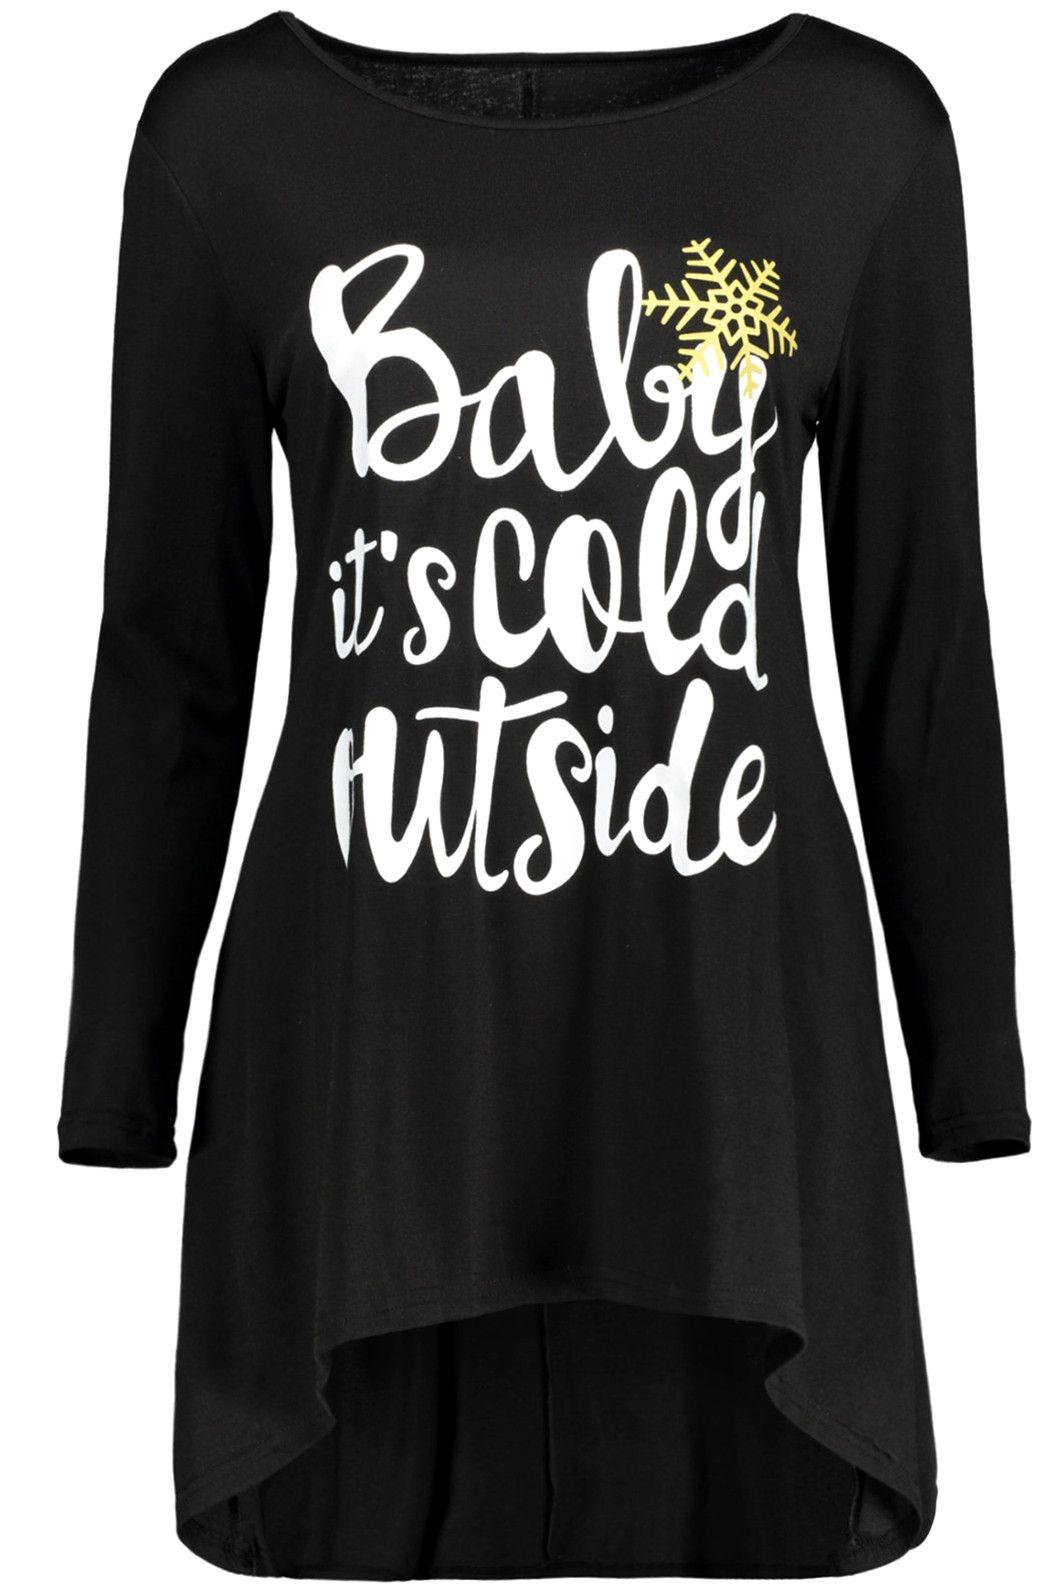 Long sleeve christmas snowflake tunic tshirt dress black xl